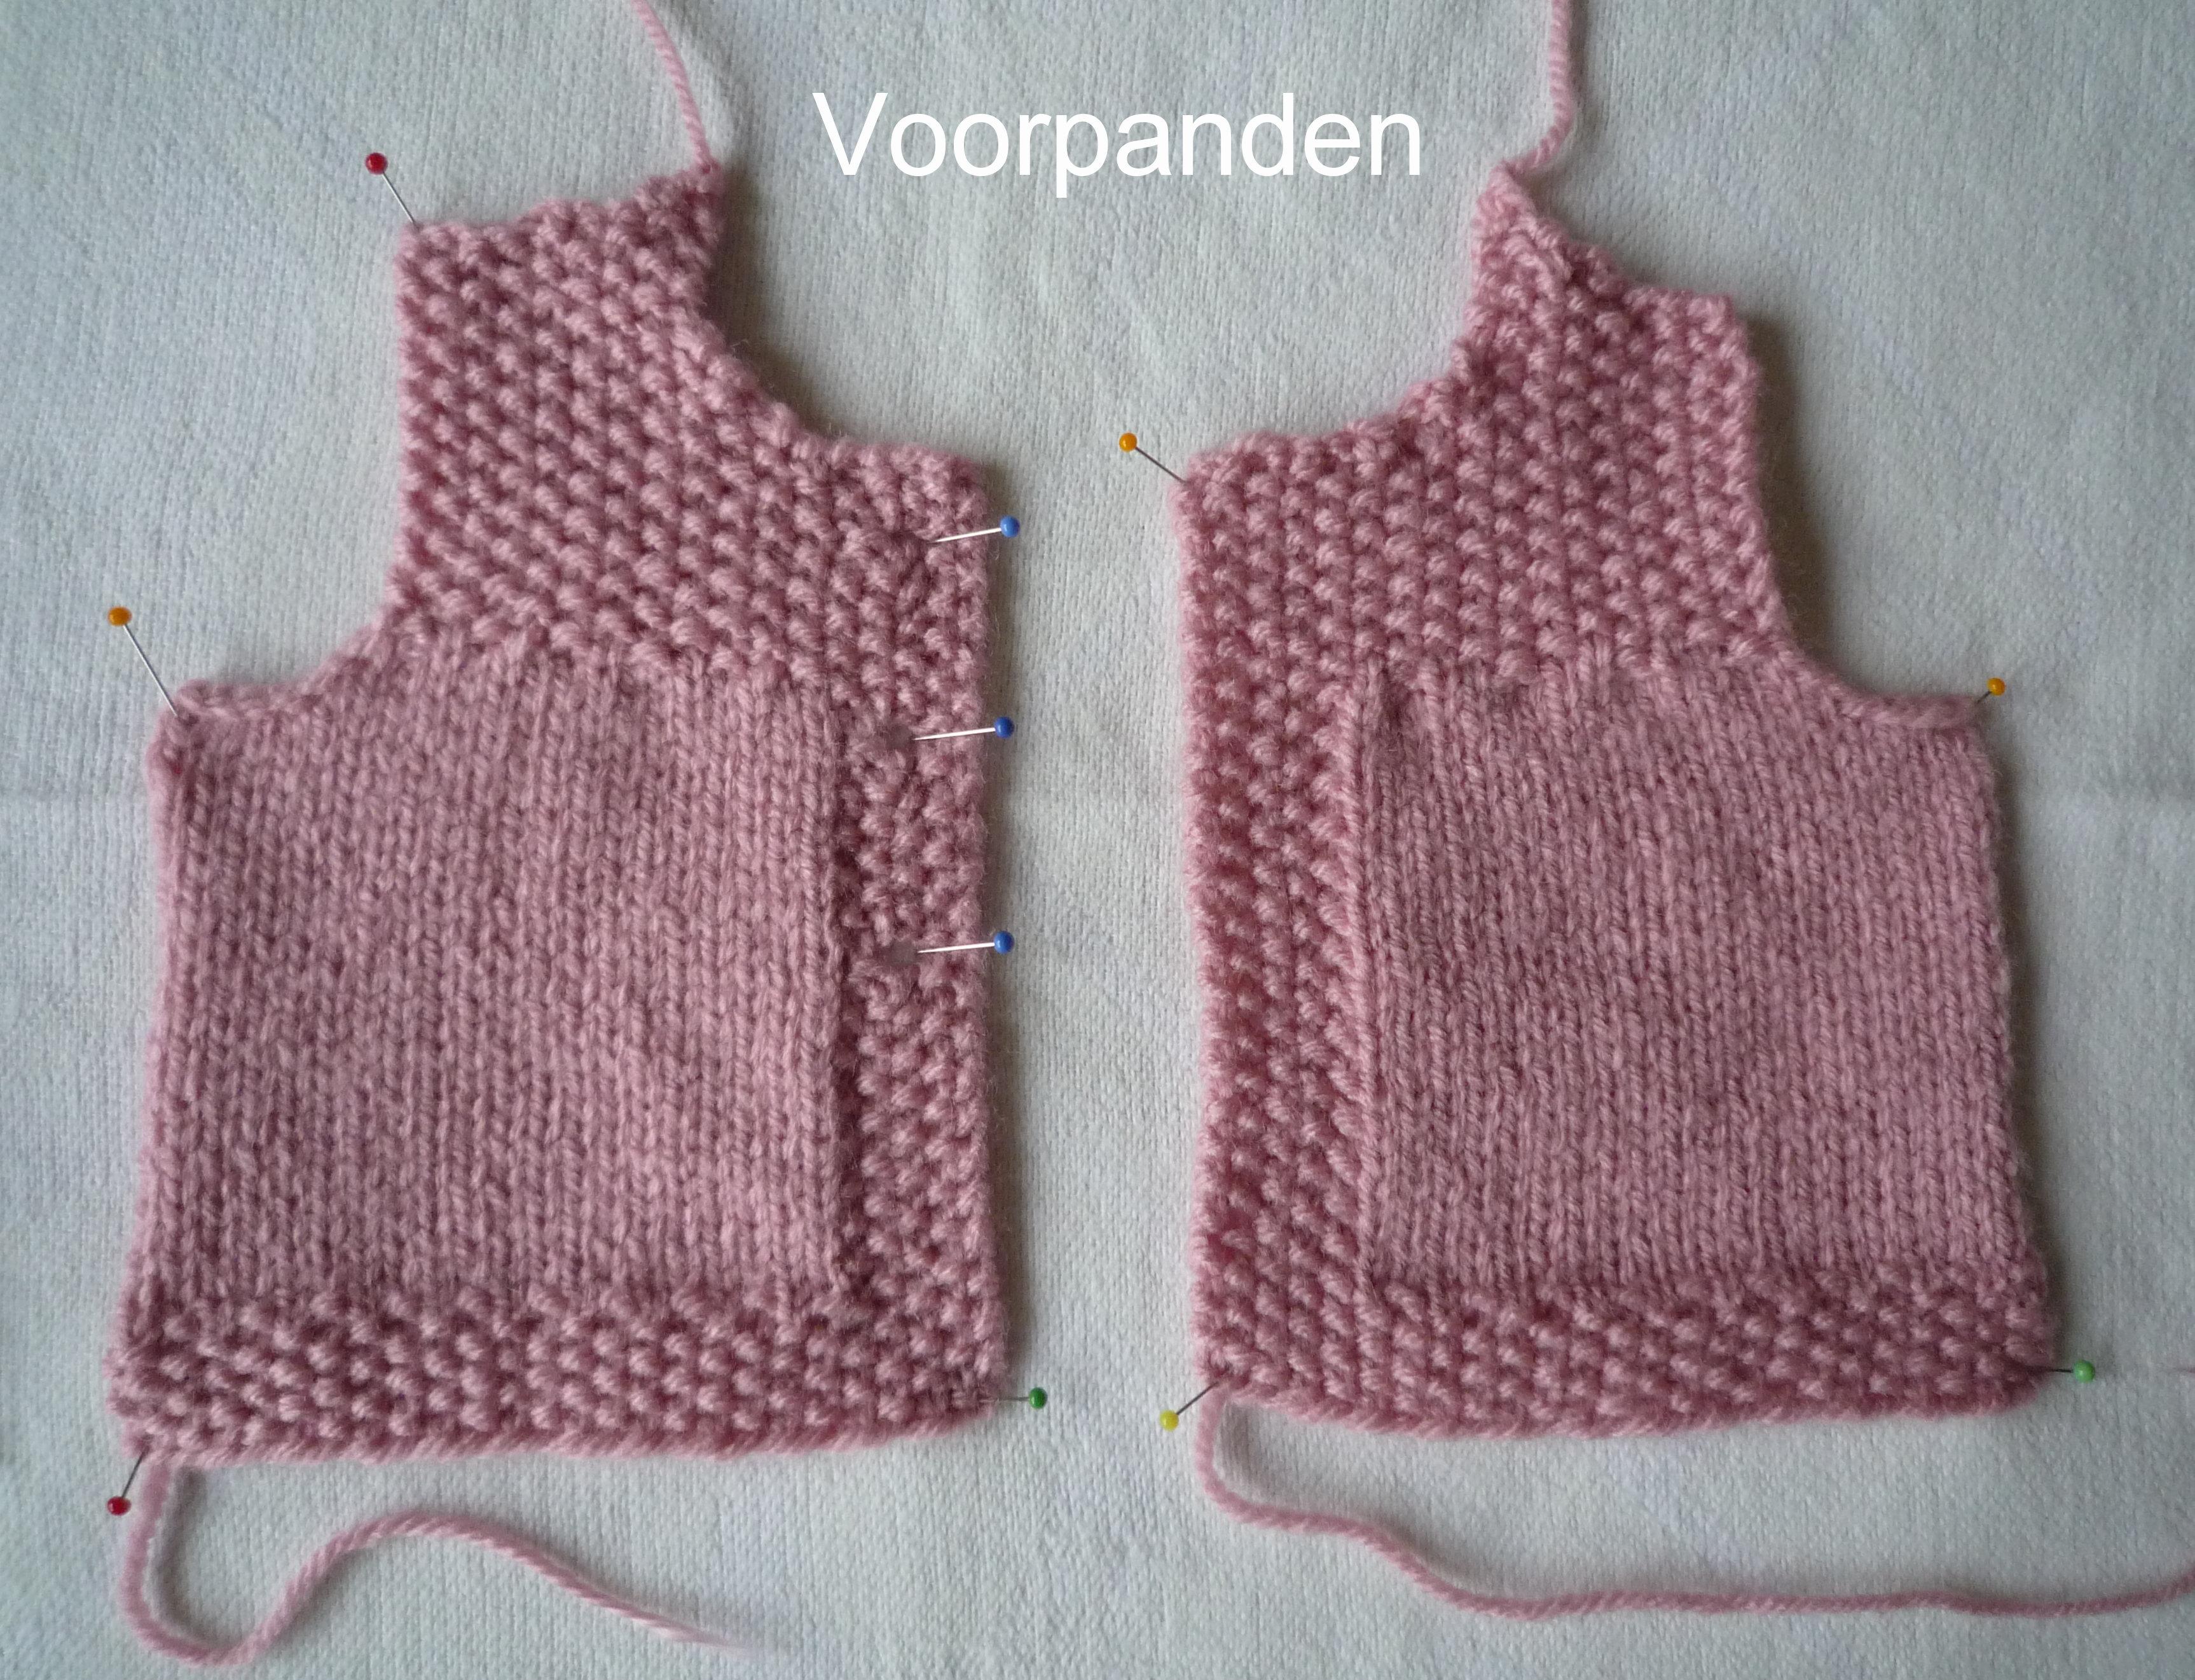 https://welkepopisdat.nl/afbeeldingen-Forum/DurvinaFotos/kleertjes%20Darlene%20en%20Florieke%20(12).JPG